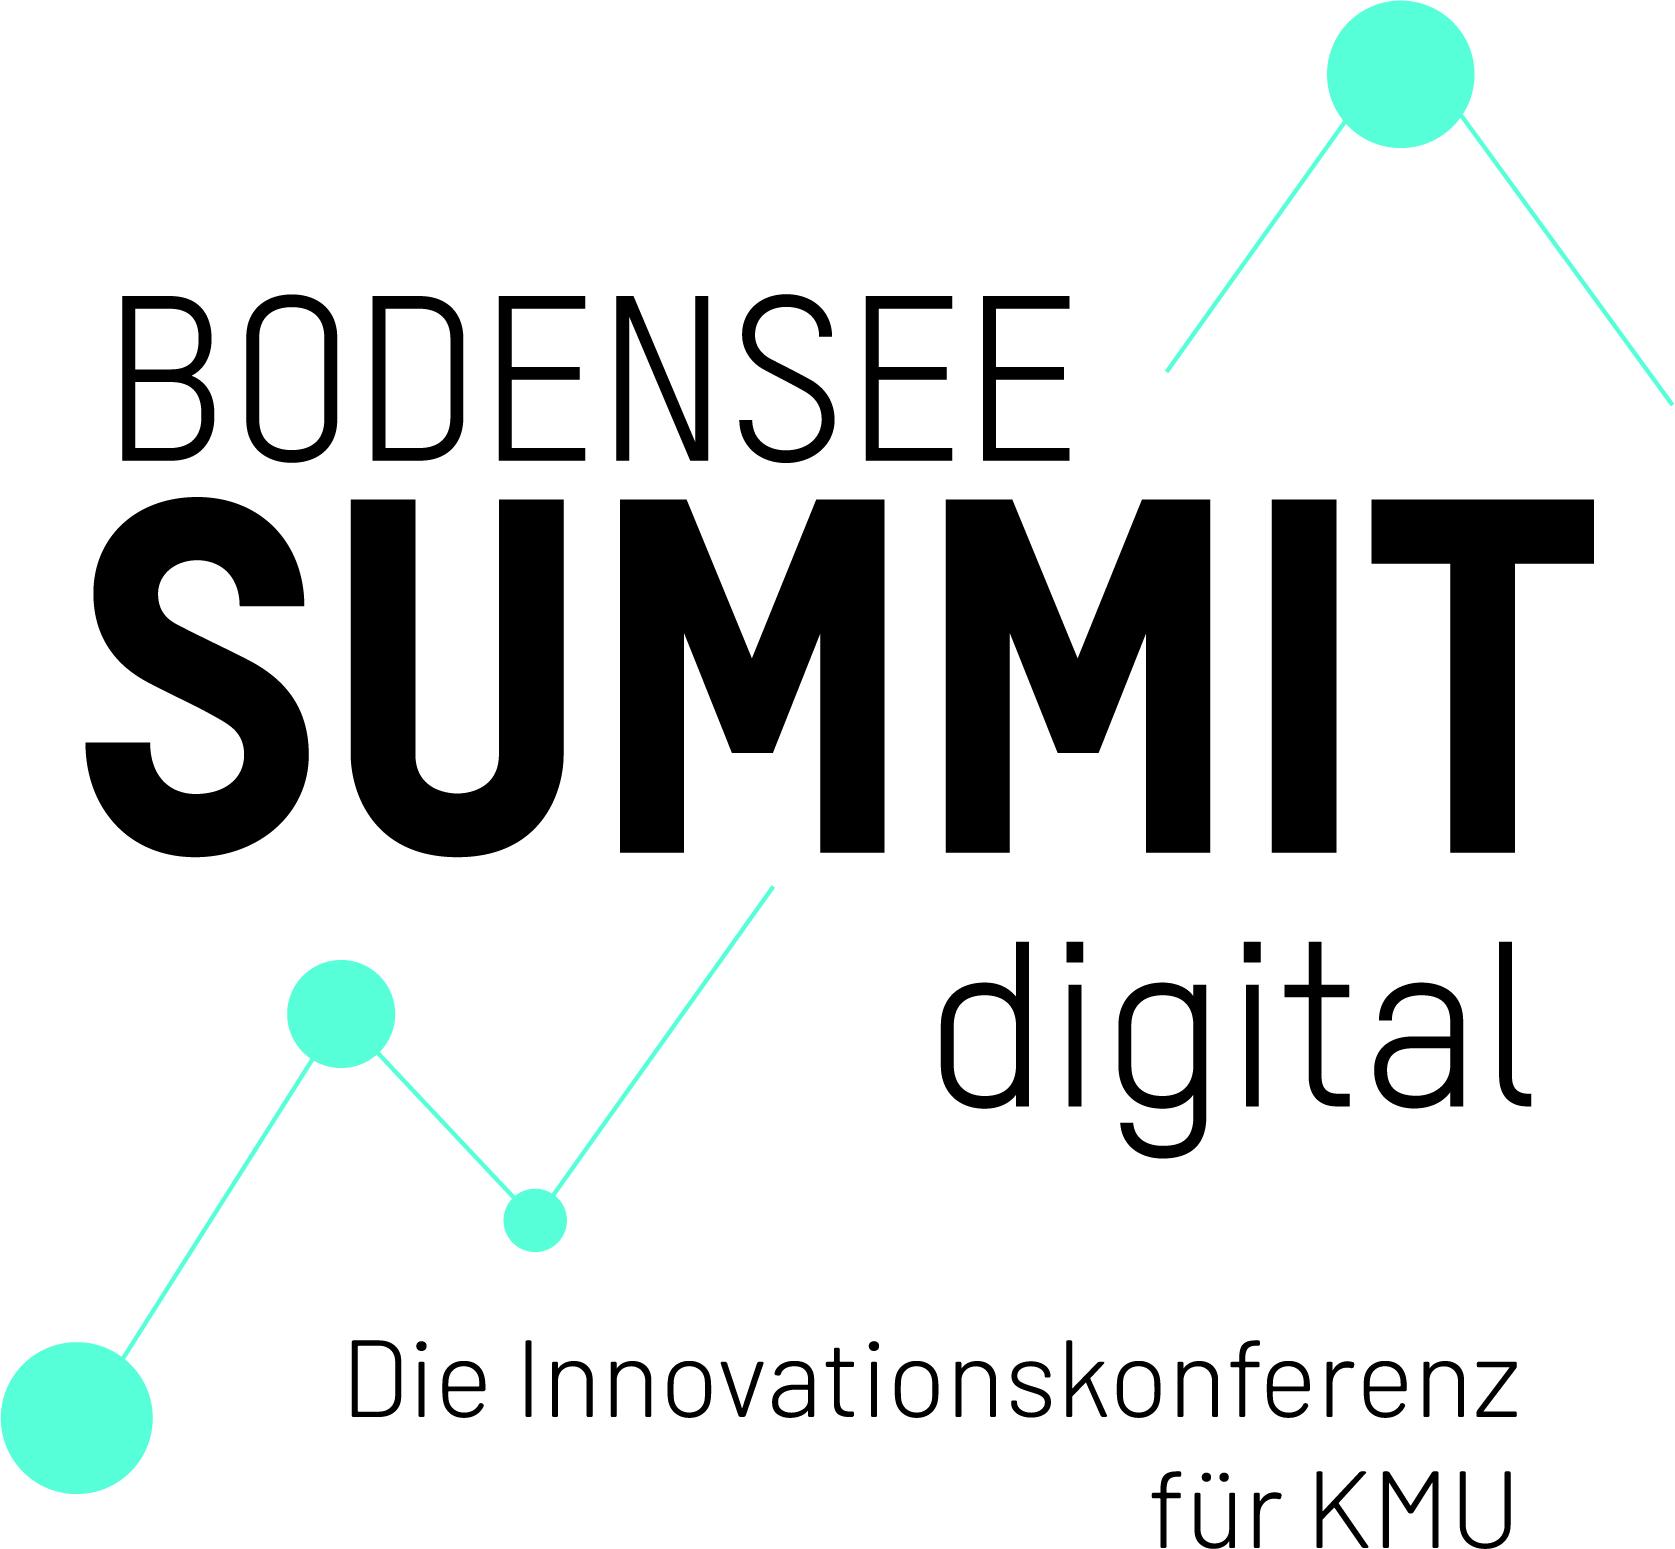 © BODENSEE SUMMIT digital